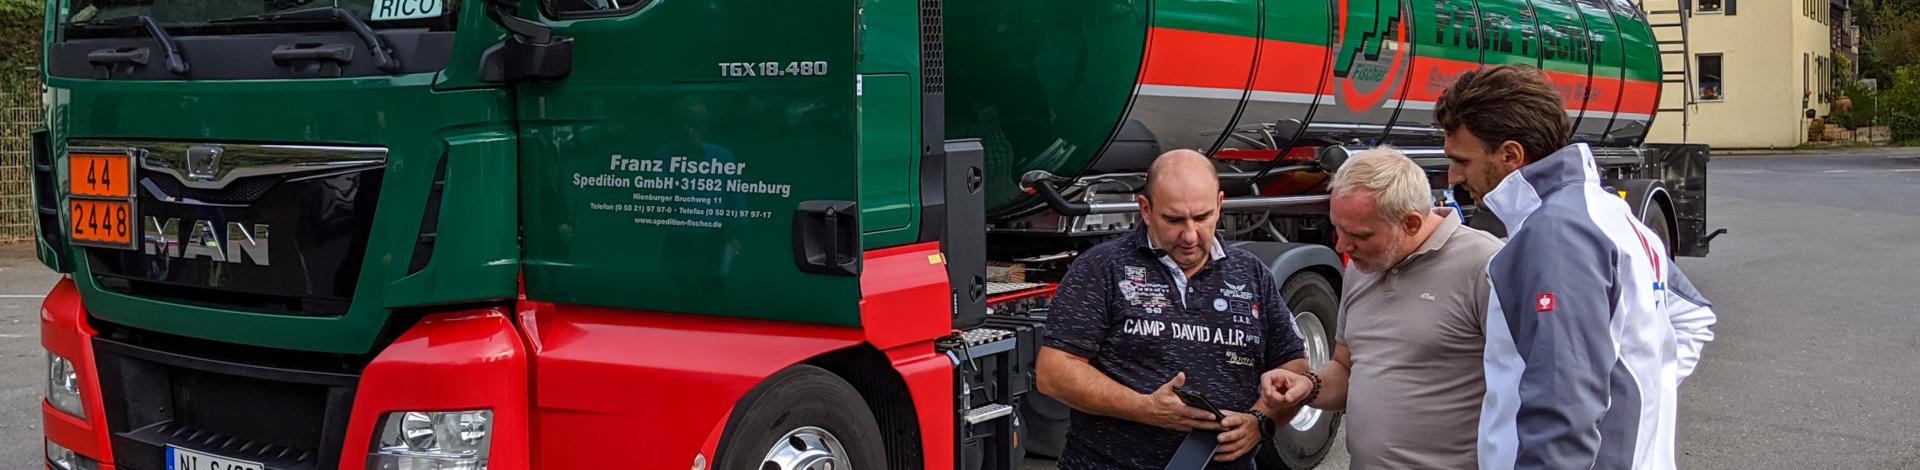 Drei Personen stehen vor einem LKW und schauen auf ein Smartphone